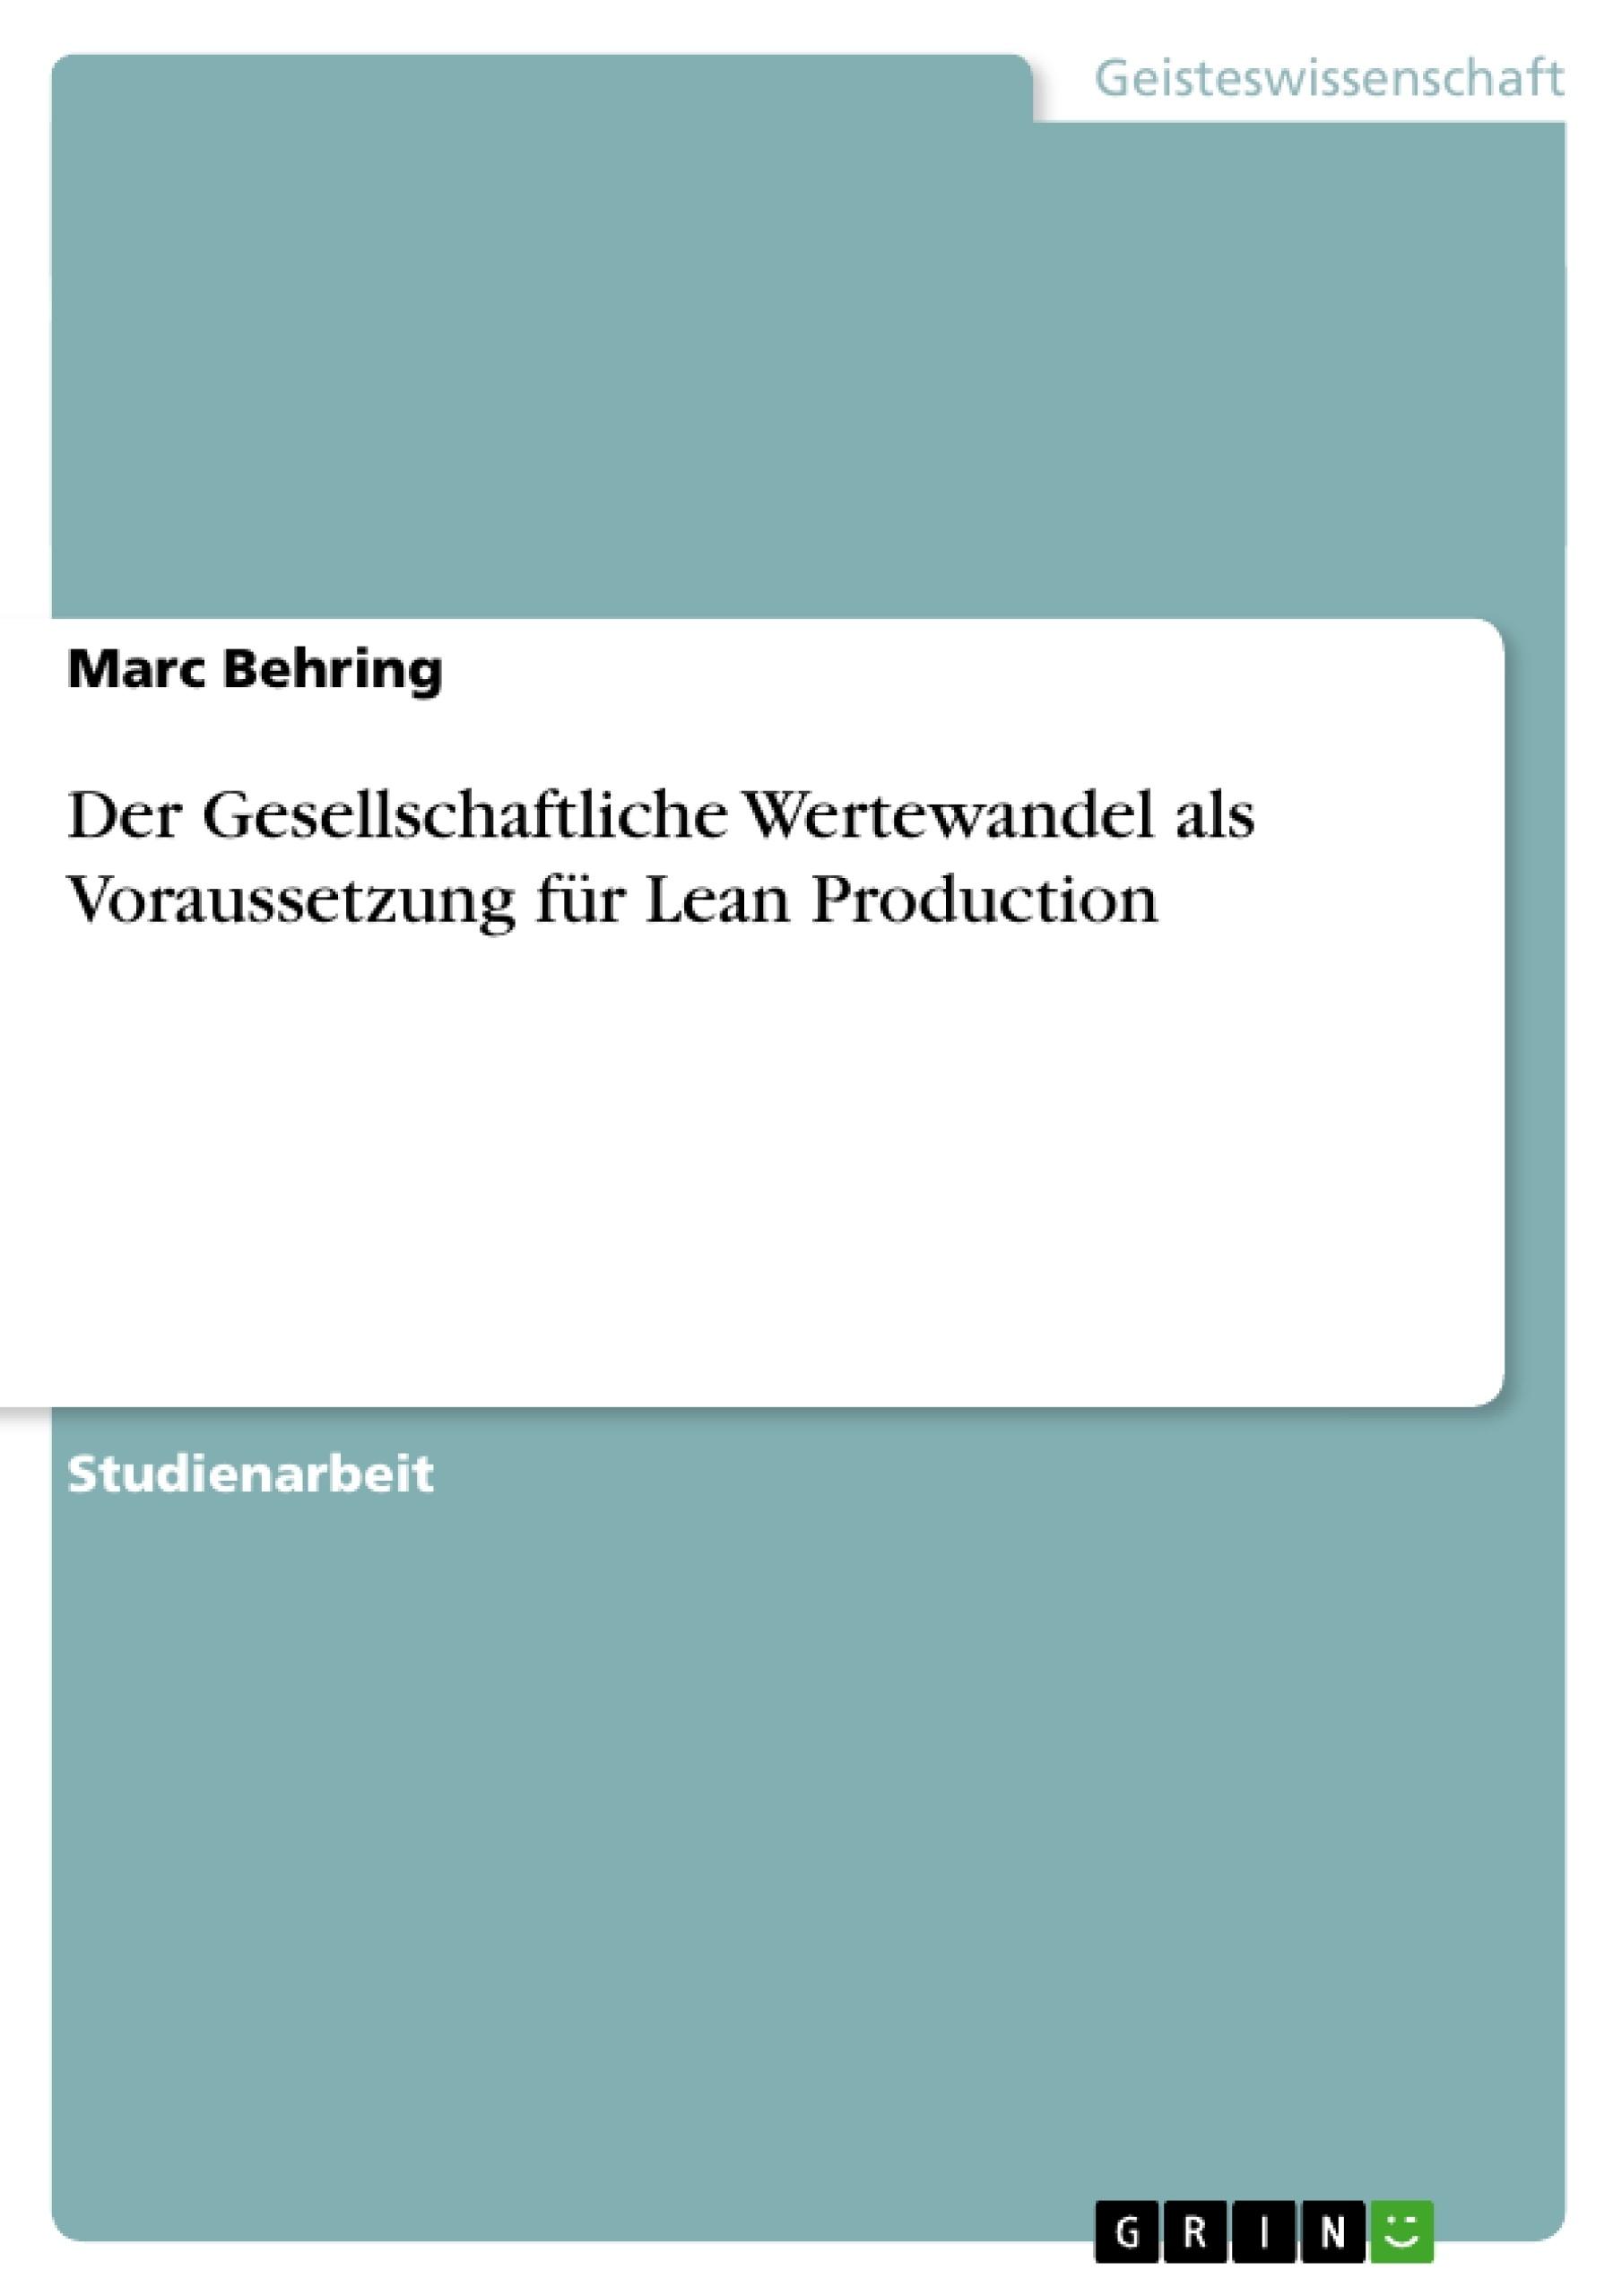 Titel: Der Gesellschaftliche Wertewandel als Voraussetzung für Lean Production